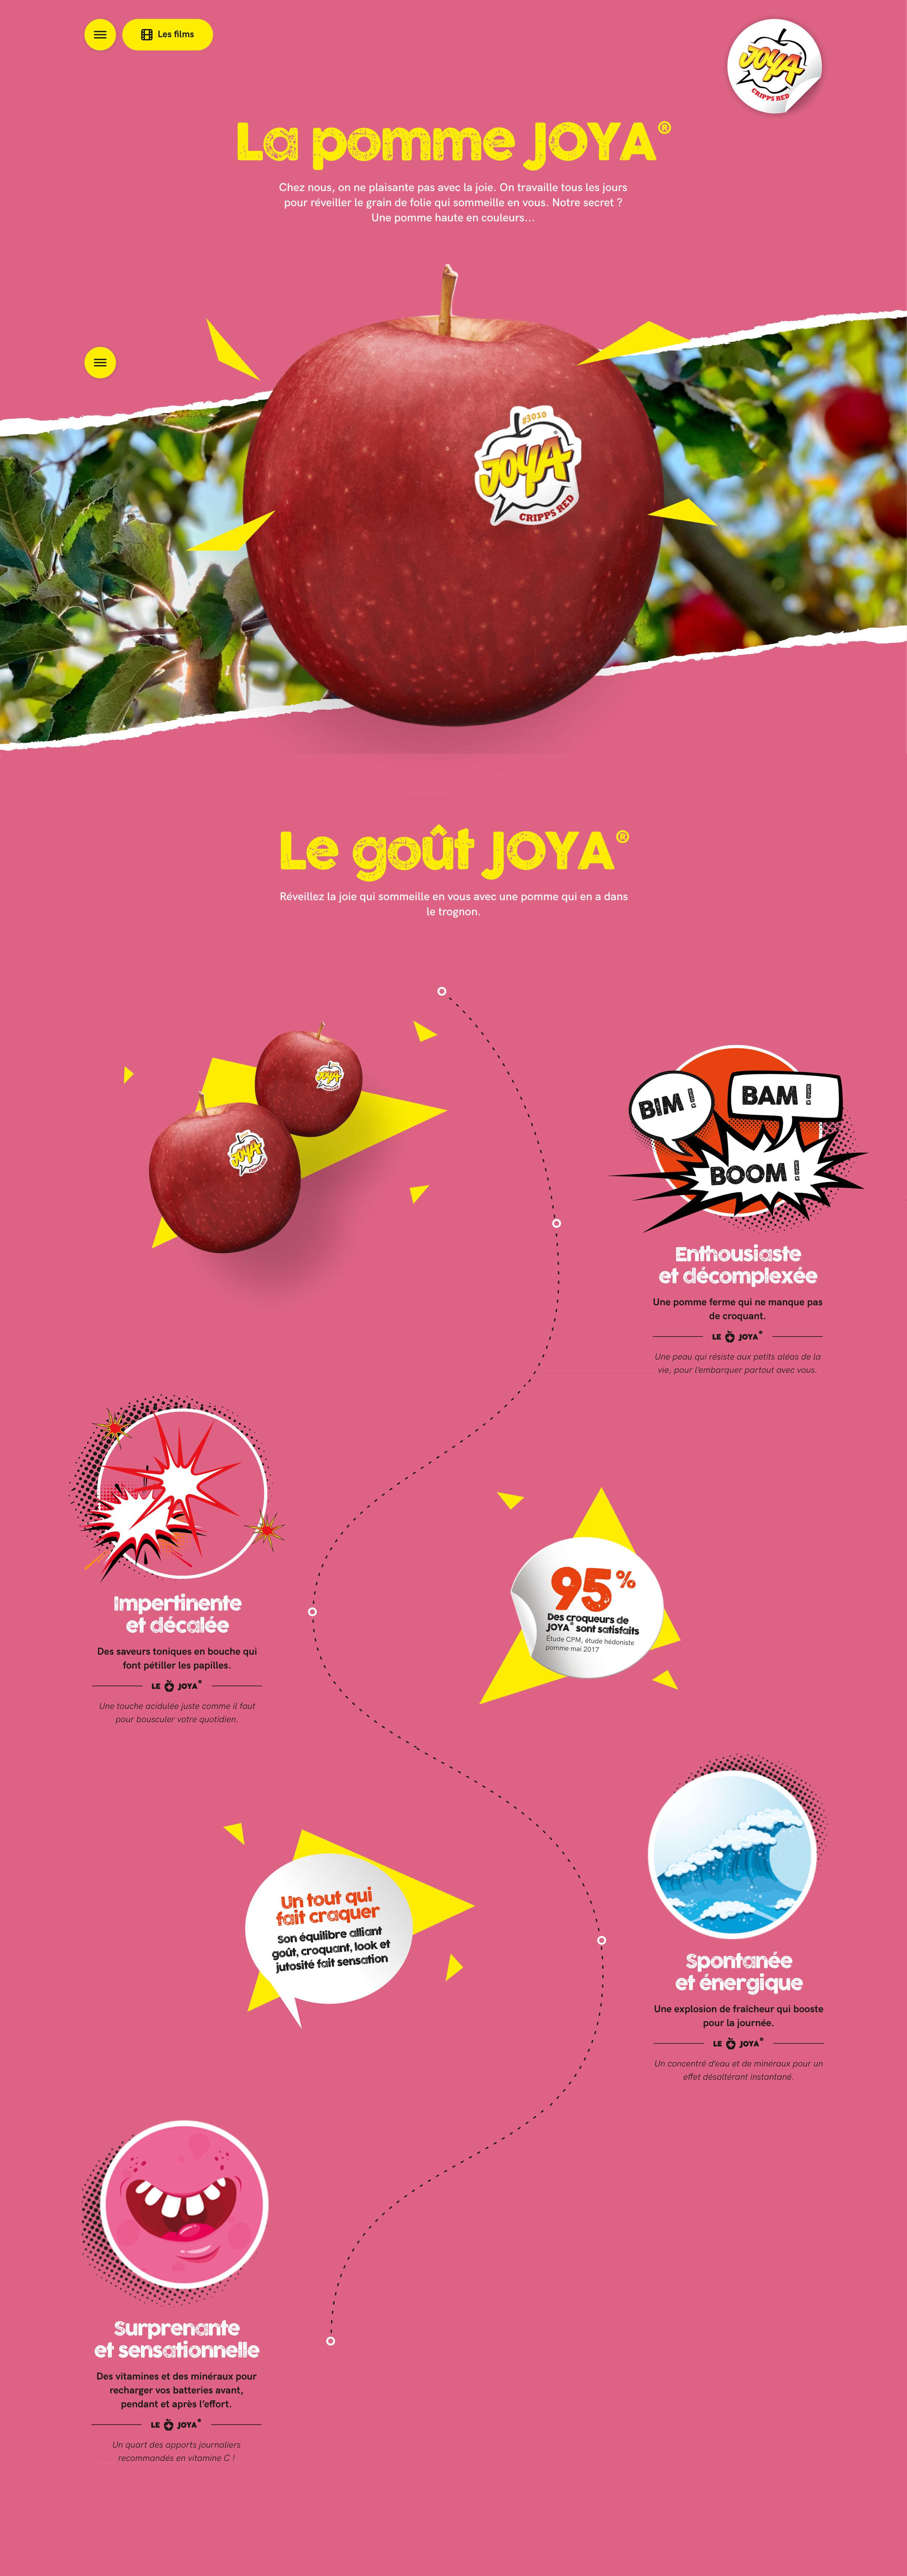 Joya_2.jpg